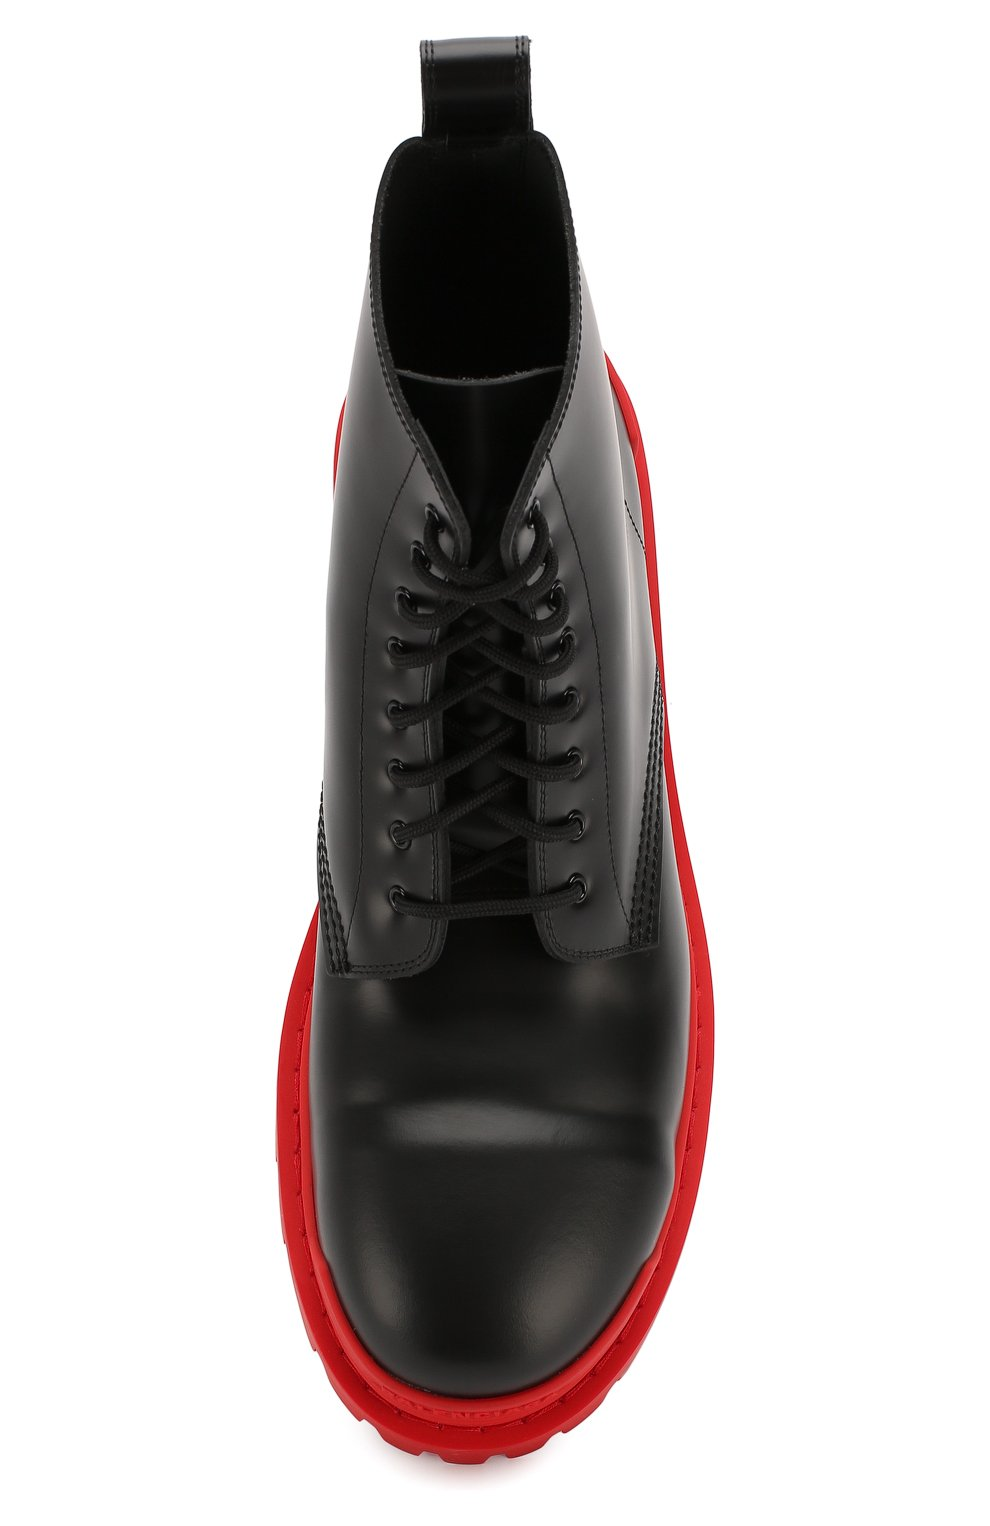 Мужские кожаные ботинки strike BALENCIAGA черного цвета, арт. 589338/WA967   Фото 5 (Каблук высота: Высокий; Мужское Кросс-КТ: Ботинки-обувь; Материал внутренний: Натуральная кожа; Подошва: Массивная)